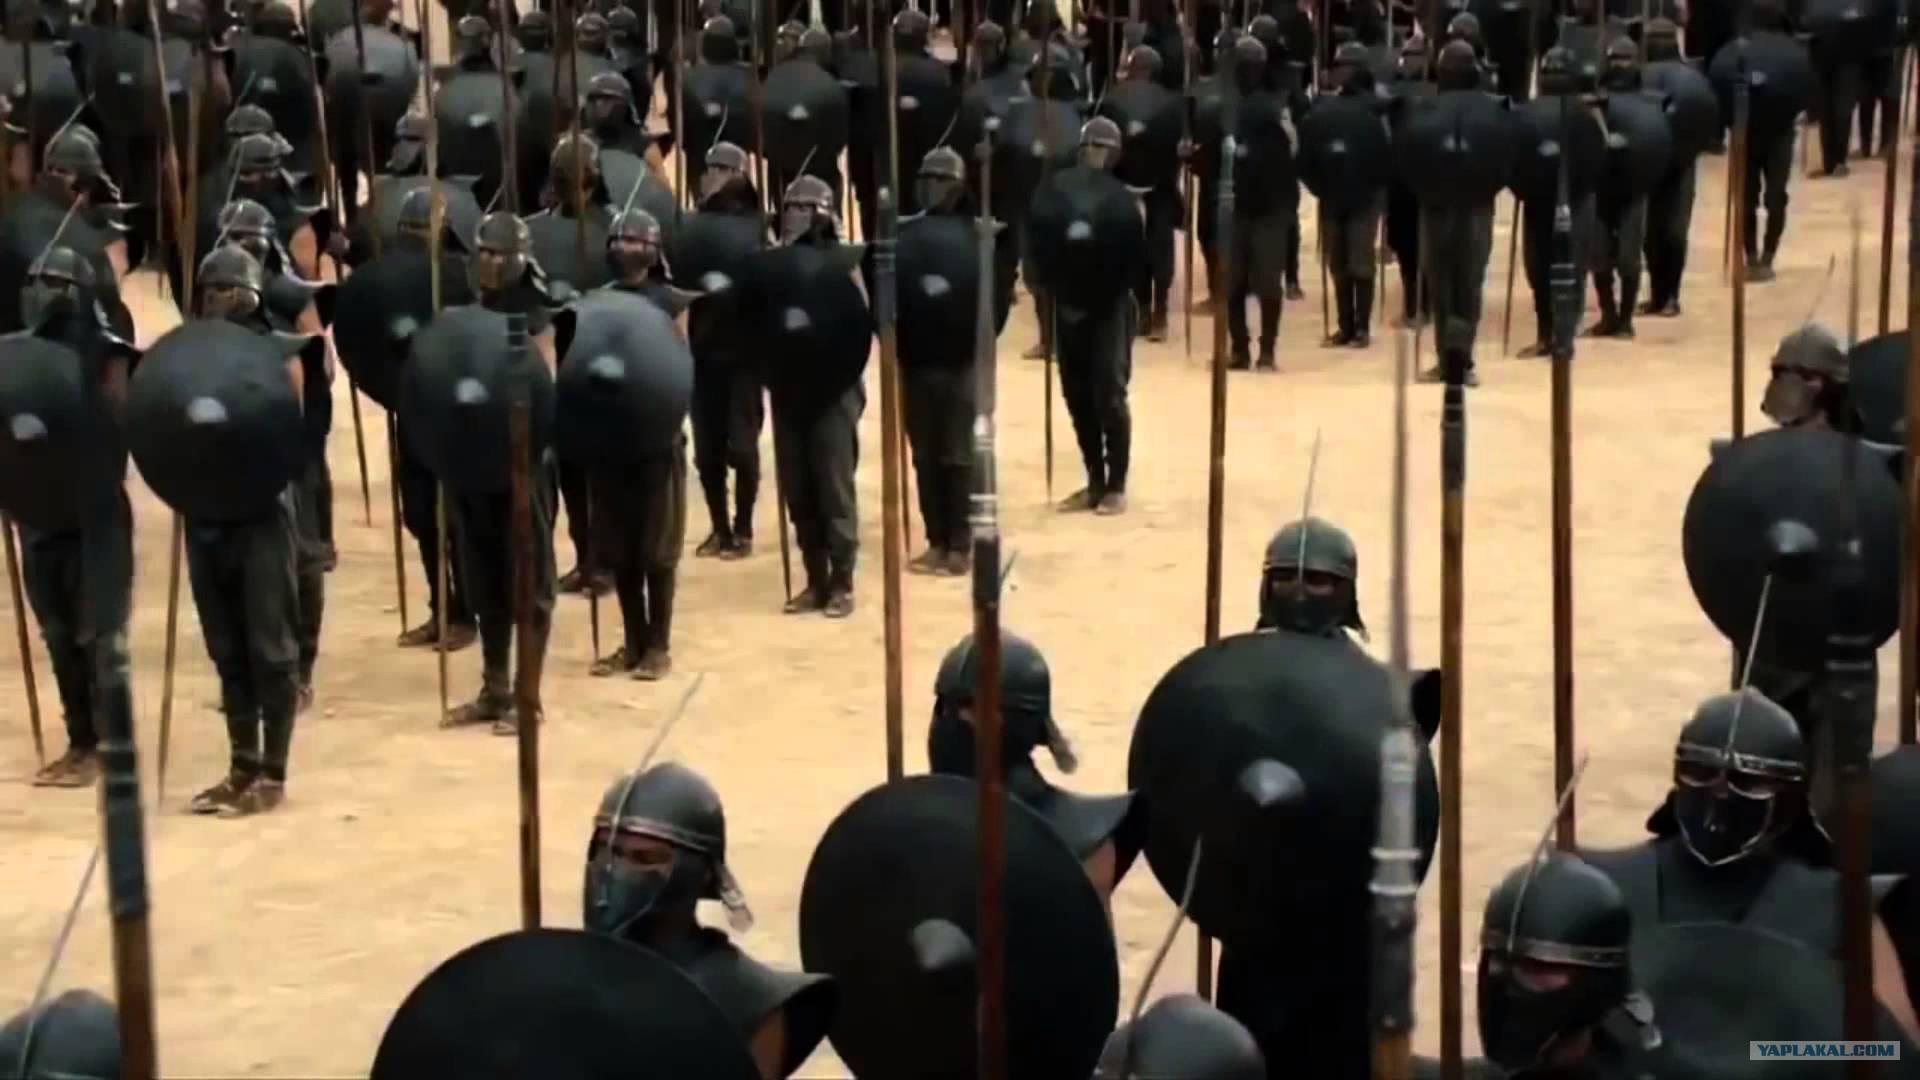 фото- смотреть картинки армии безупречных приготовление этого